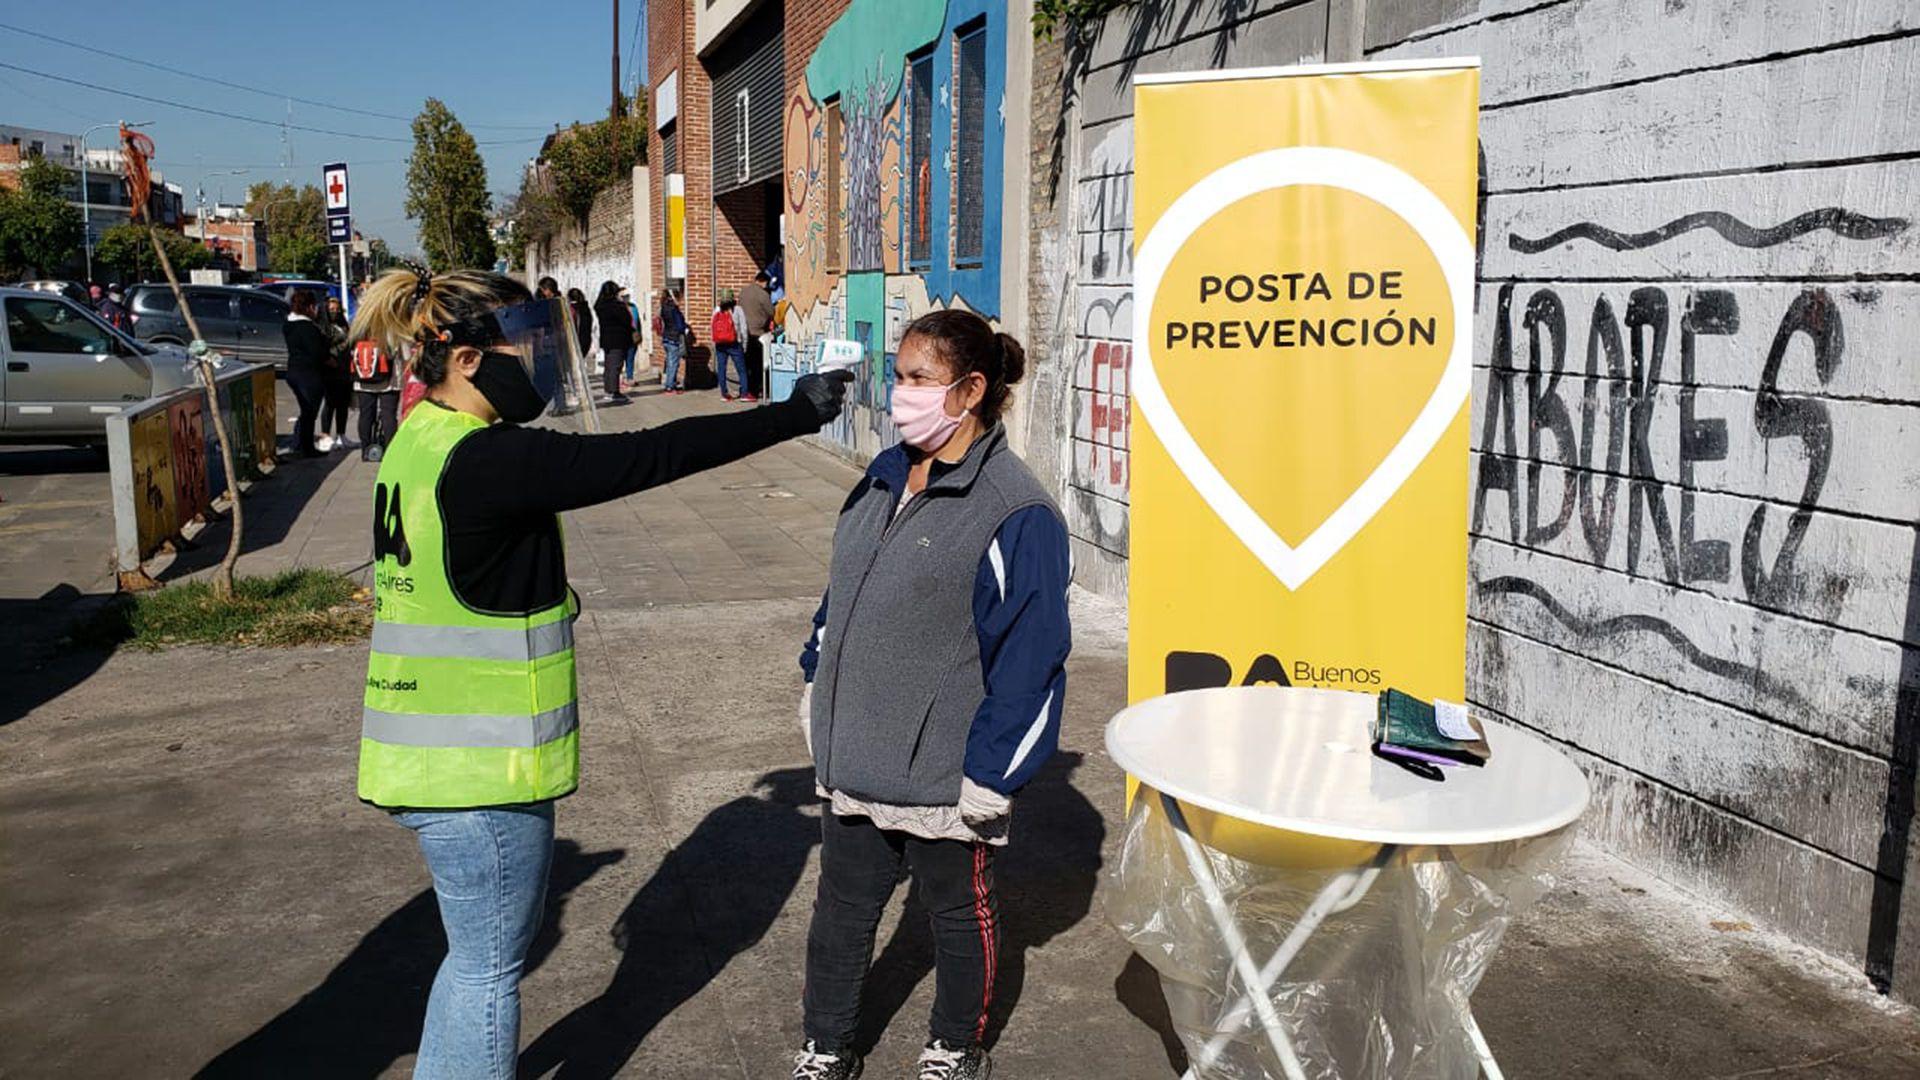 Las postas de prevención del Gobierno de la Ciudad.